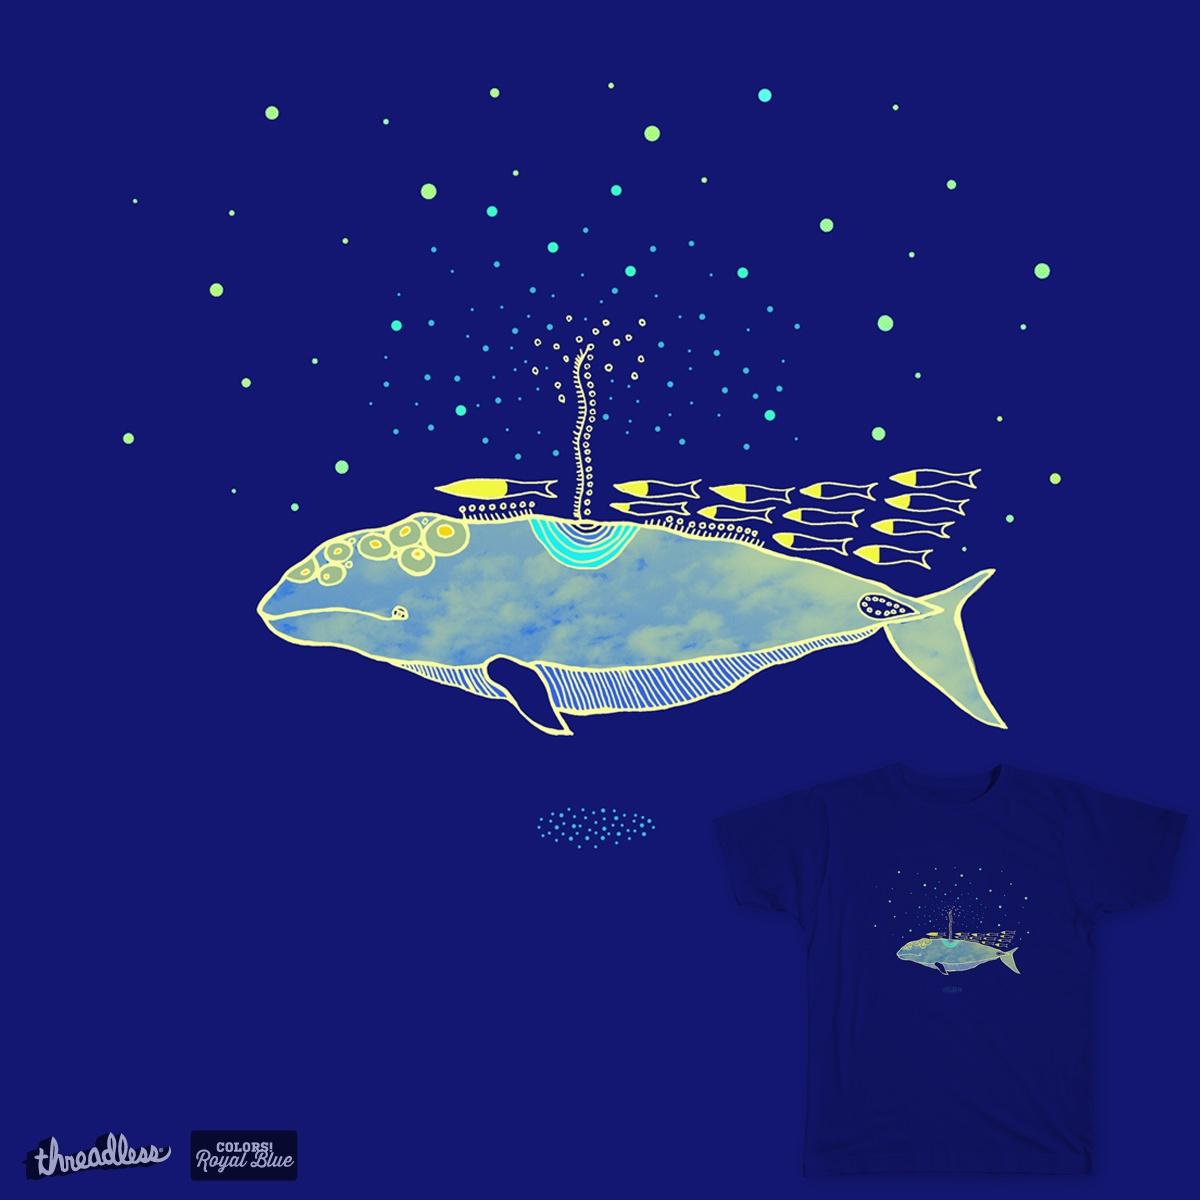 A Blue Whale by Three-wheeler on Threadless